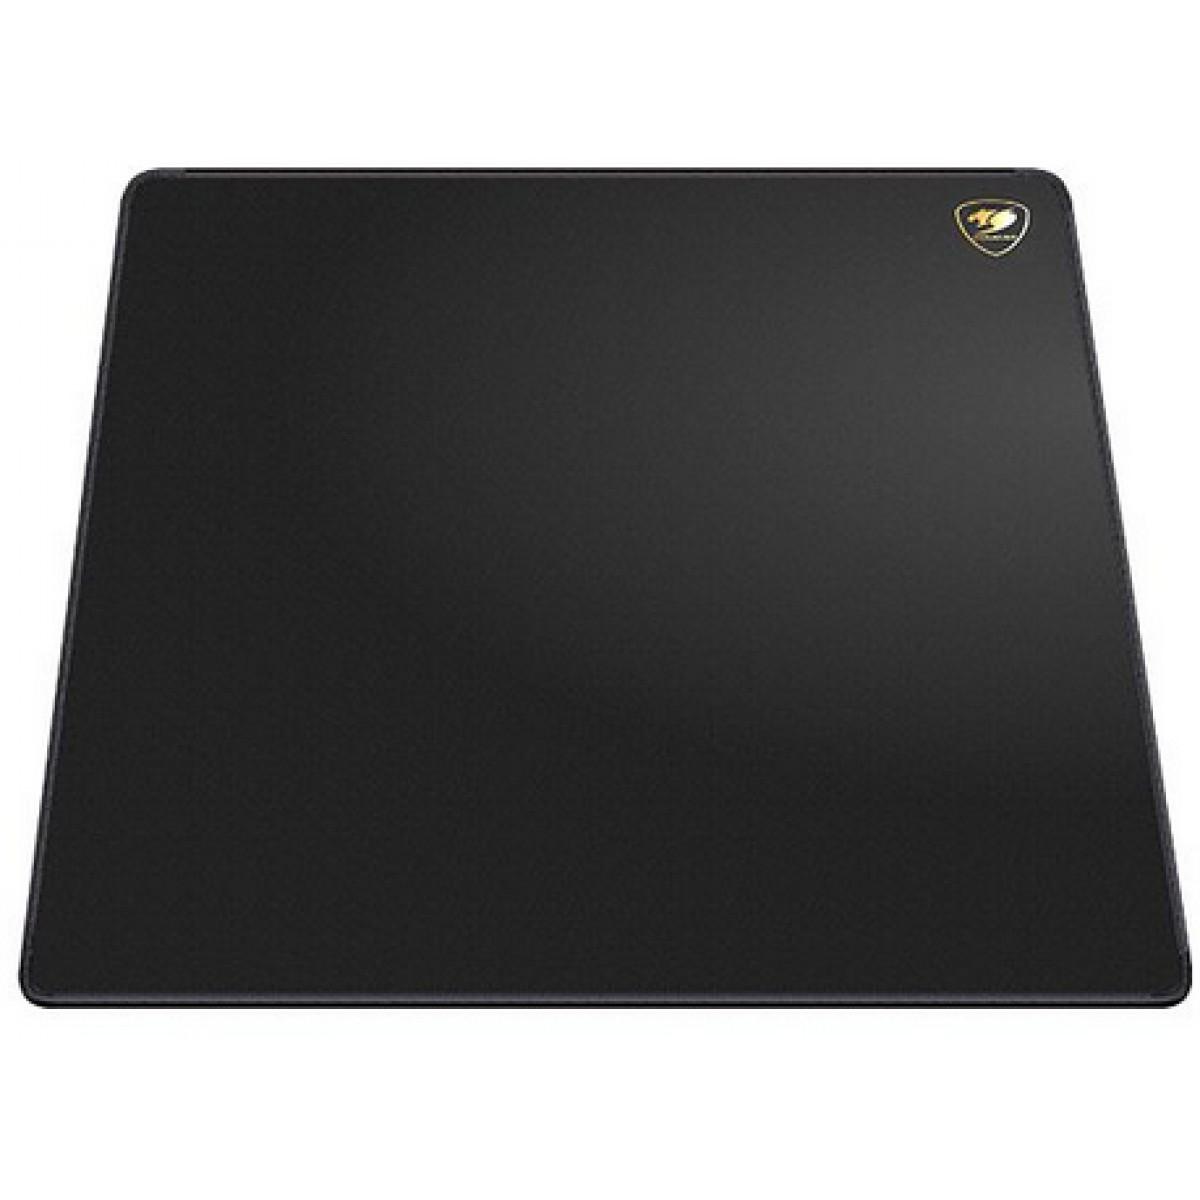 Mousepad Gamer Cougar Control EX L, Grande, Black